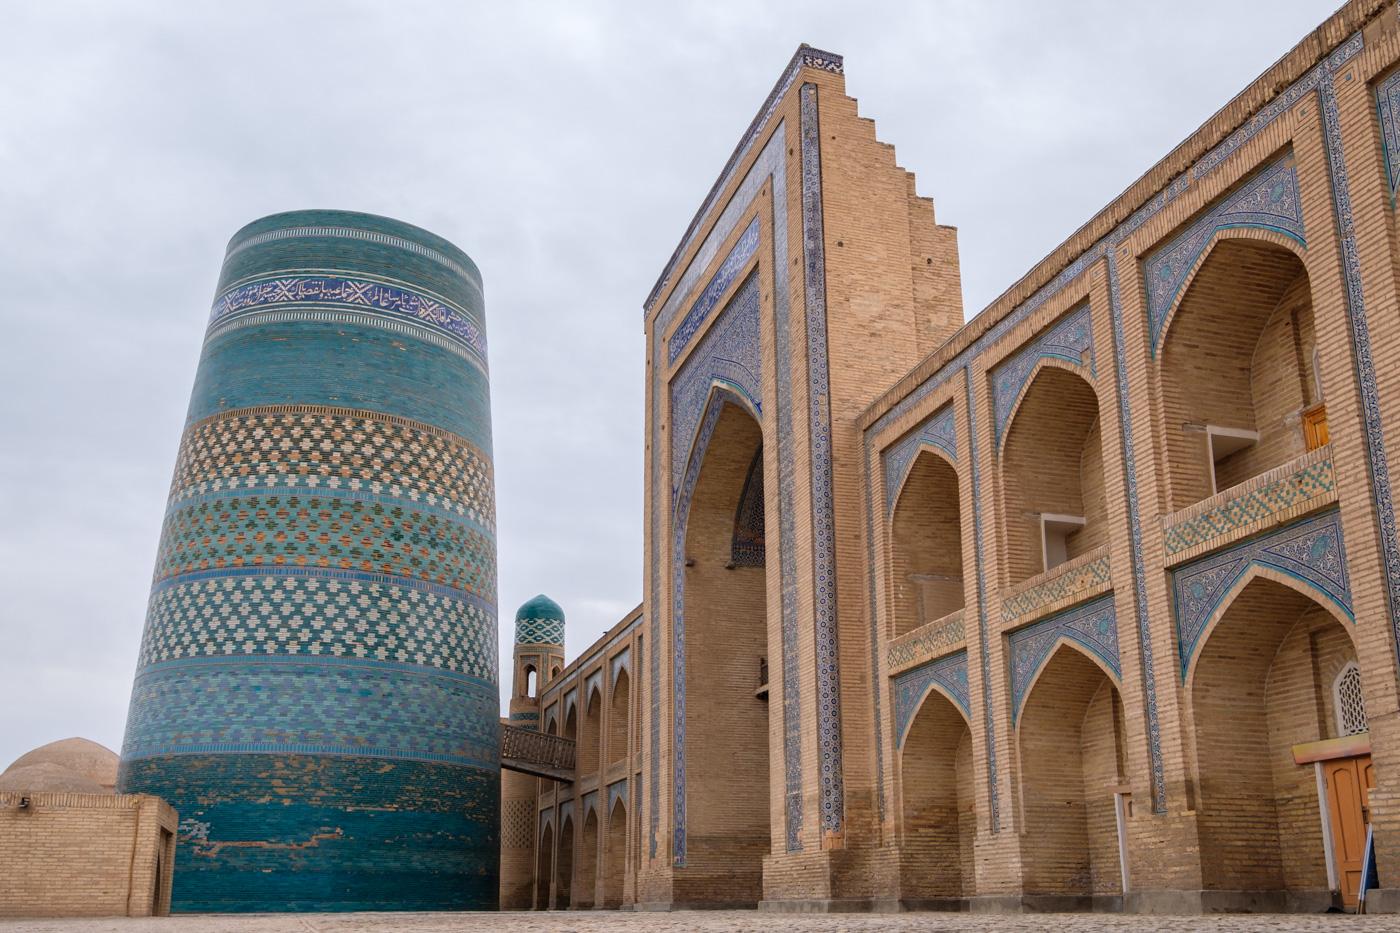 Usbekistan, Zentrum der Seidenstraße - Das Kalta Minor Minarett in Chiwa.